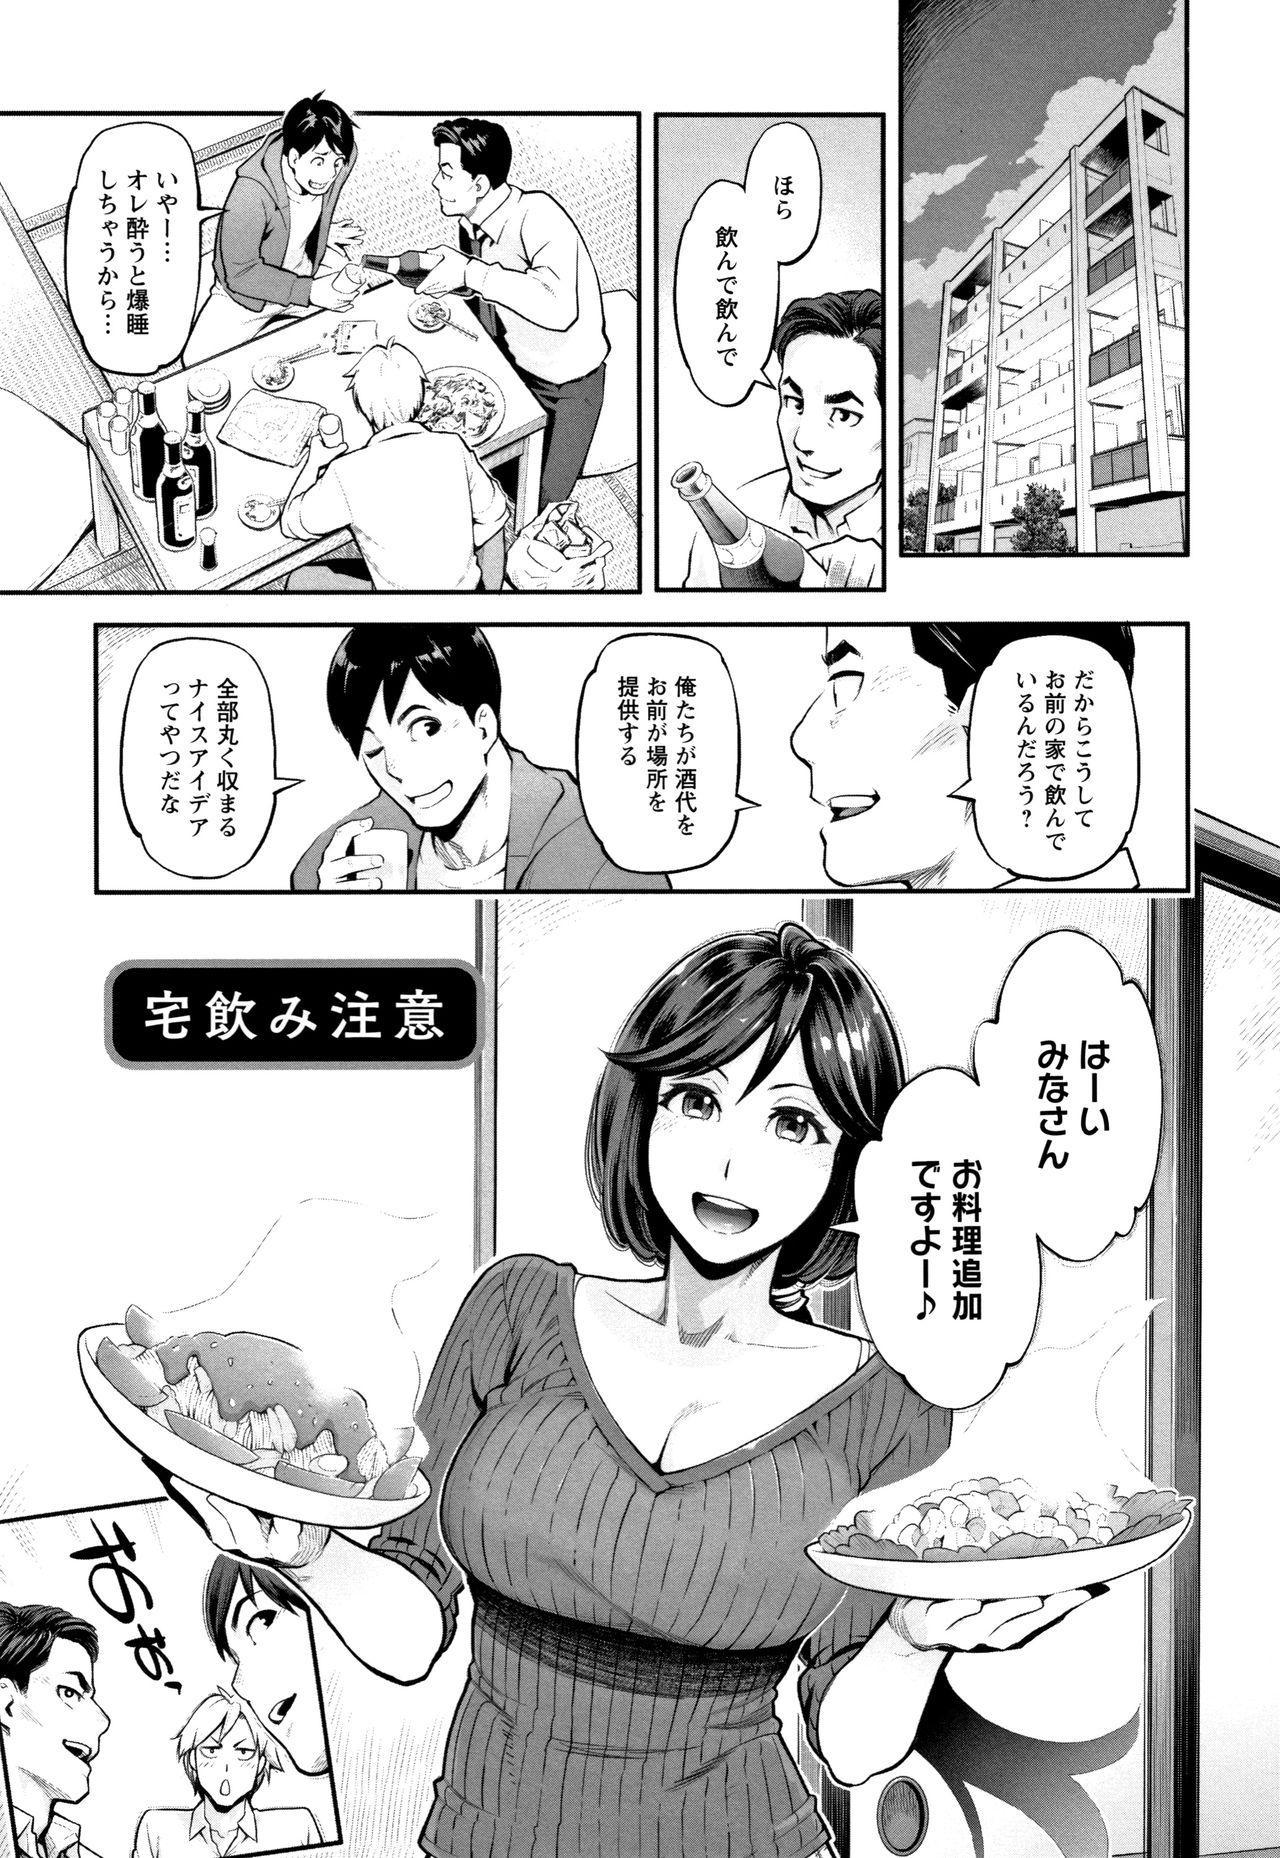 Toketa Risei wa Biyaku no Kaori 175